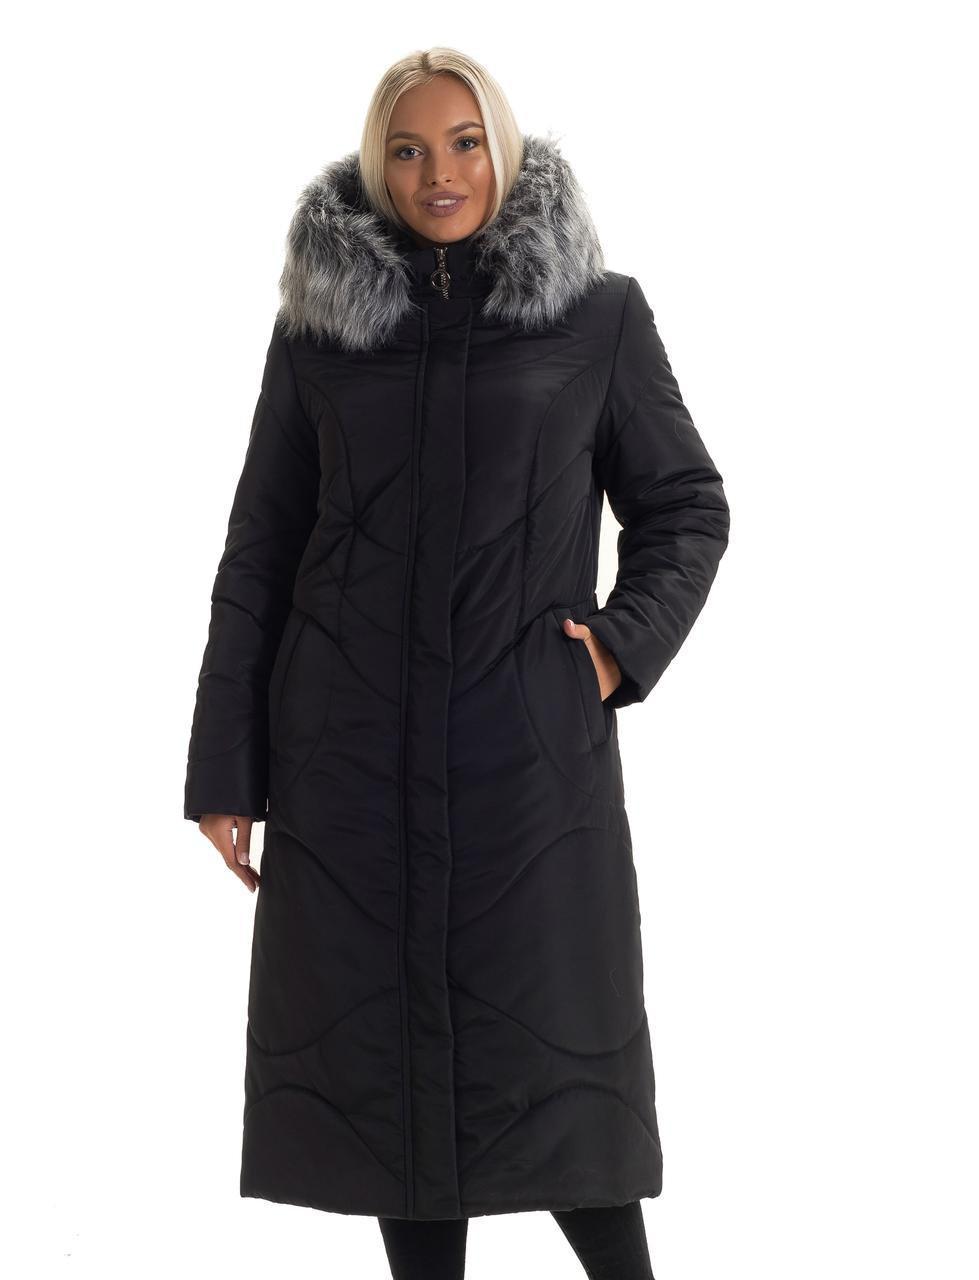 Женский длинный зимний пуховик / пальто с мехом черний большихразмеров размер 48 50 52 54 56 58 60 62 64 66